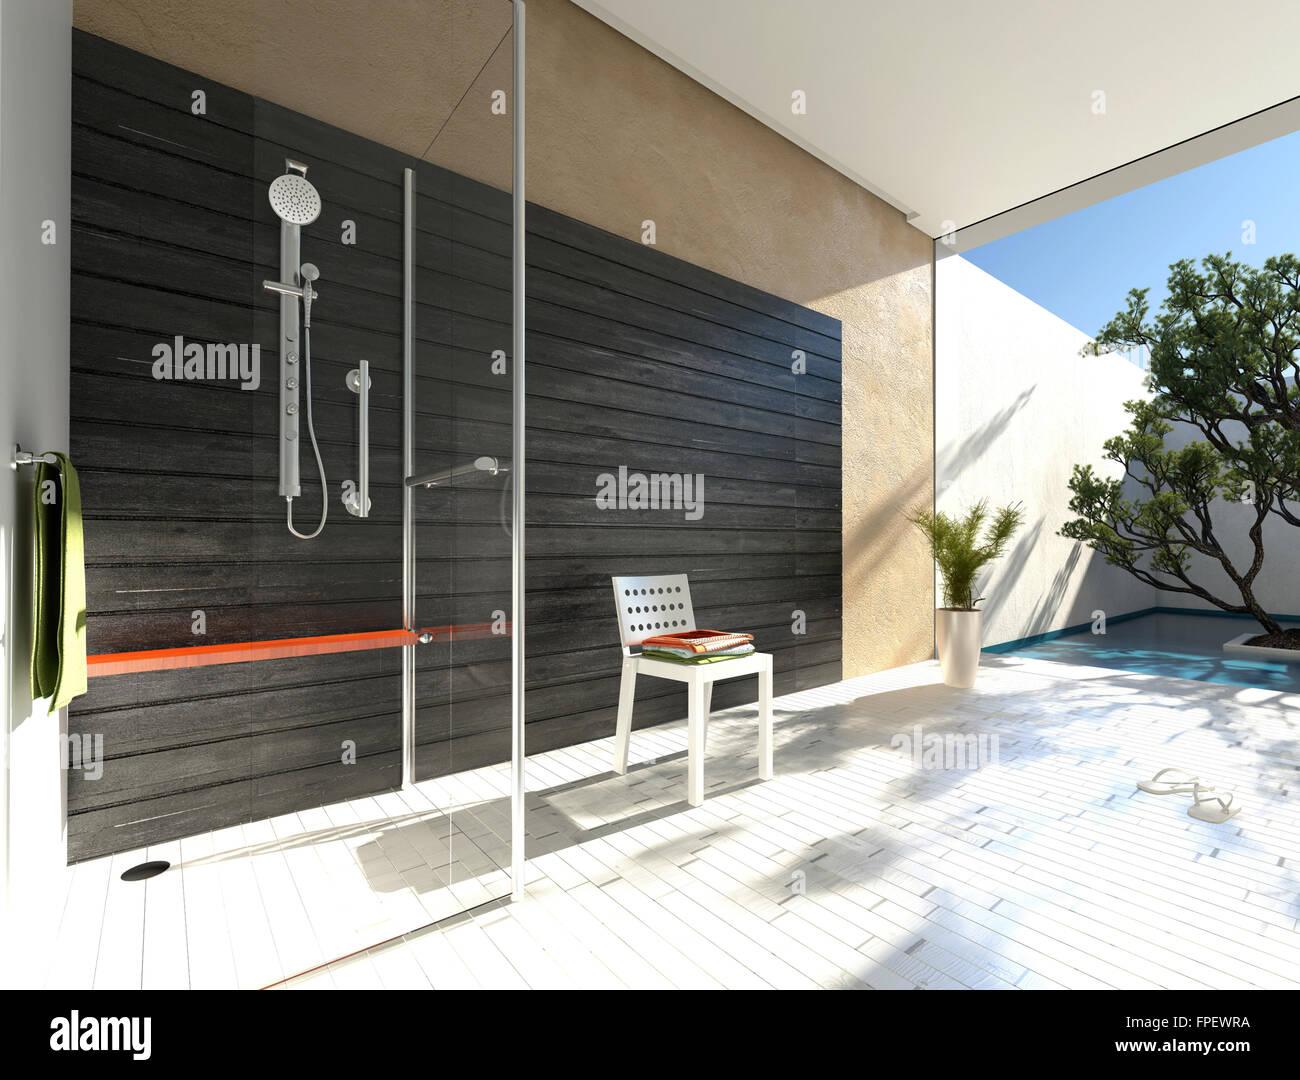 Semplice box doccia in vetro in un bagno moderno con accento